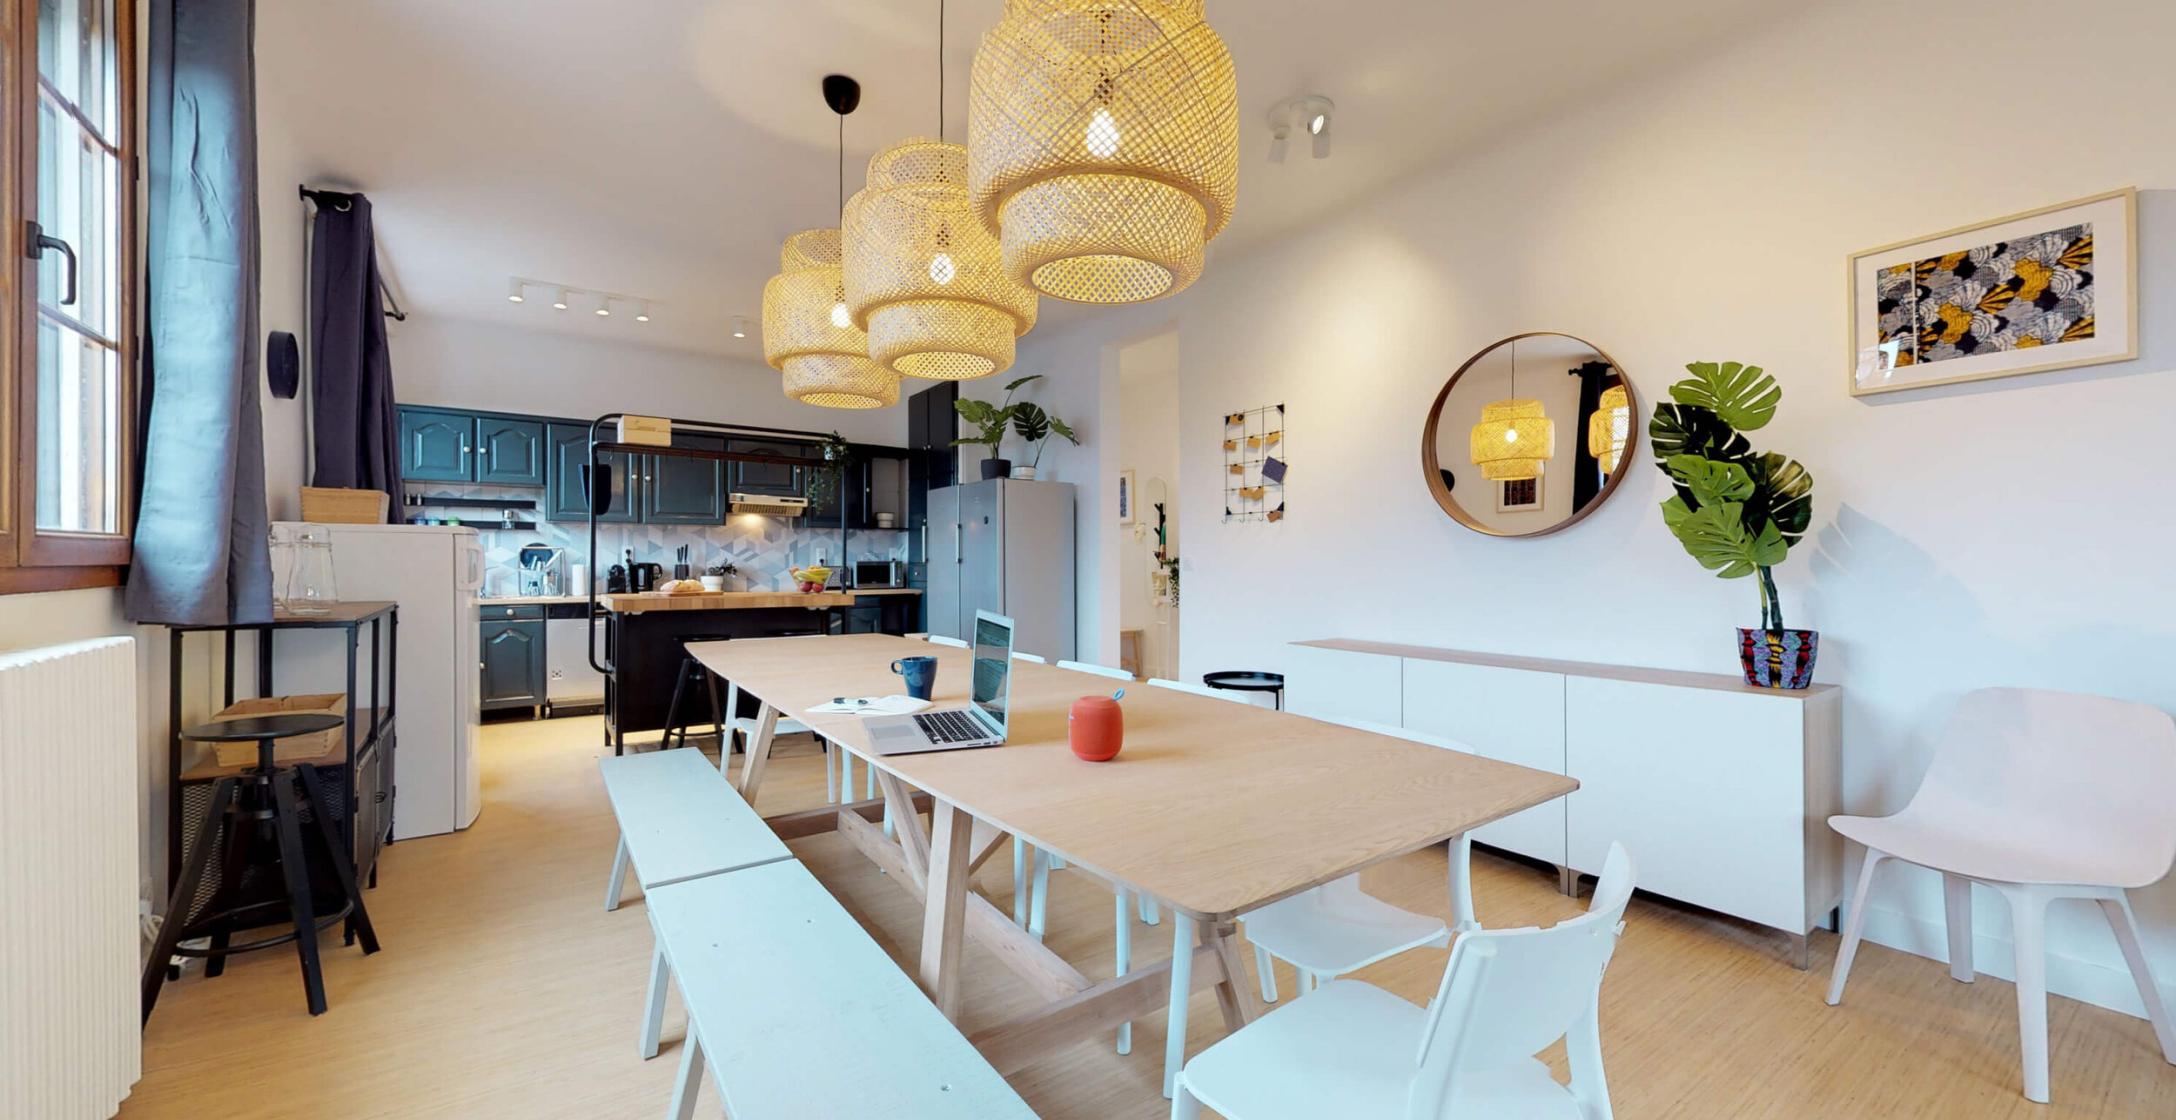 Cuisine et salle à manger d'une maison coliving Colonies